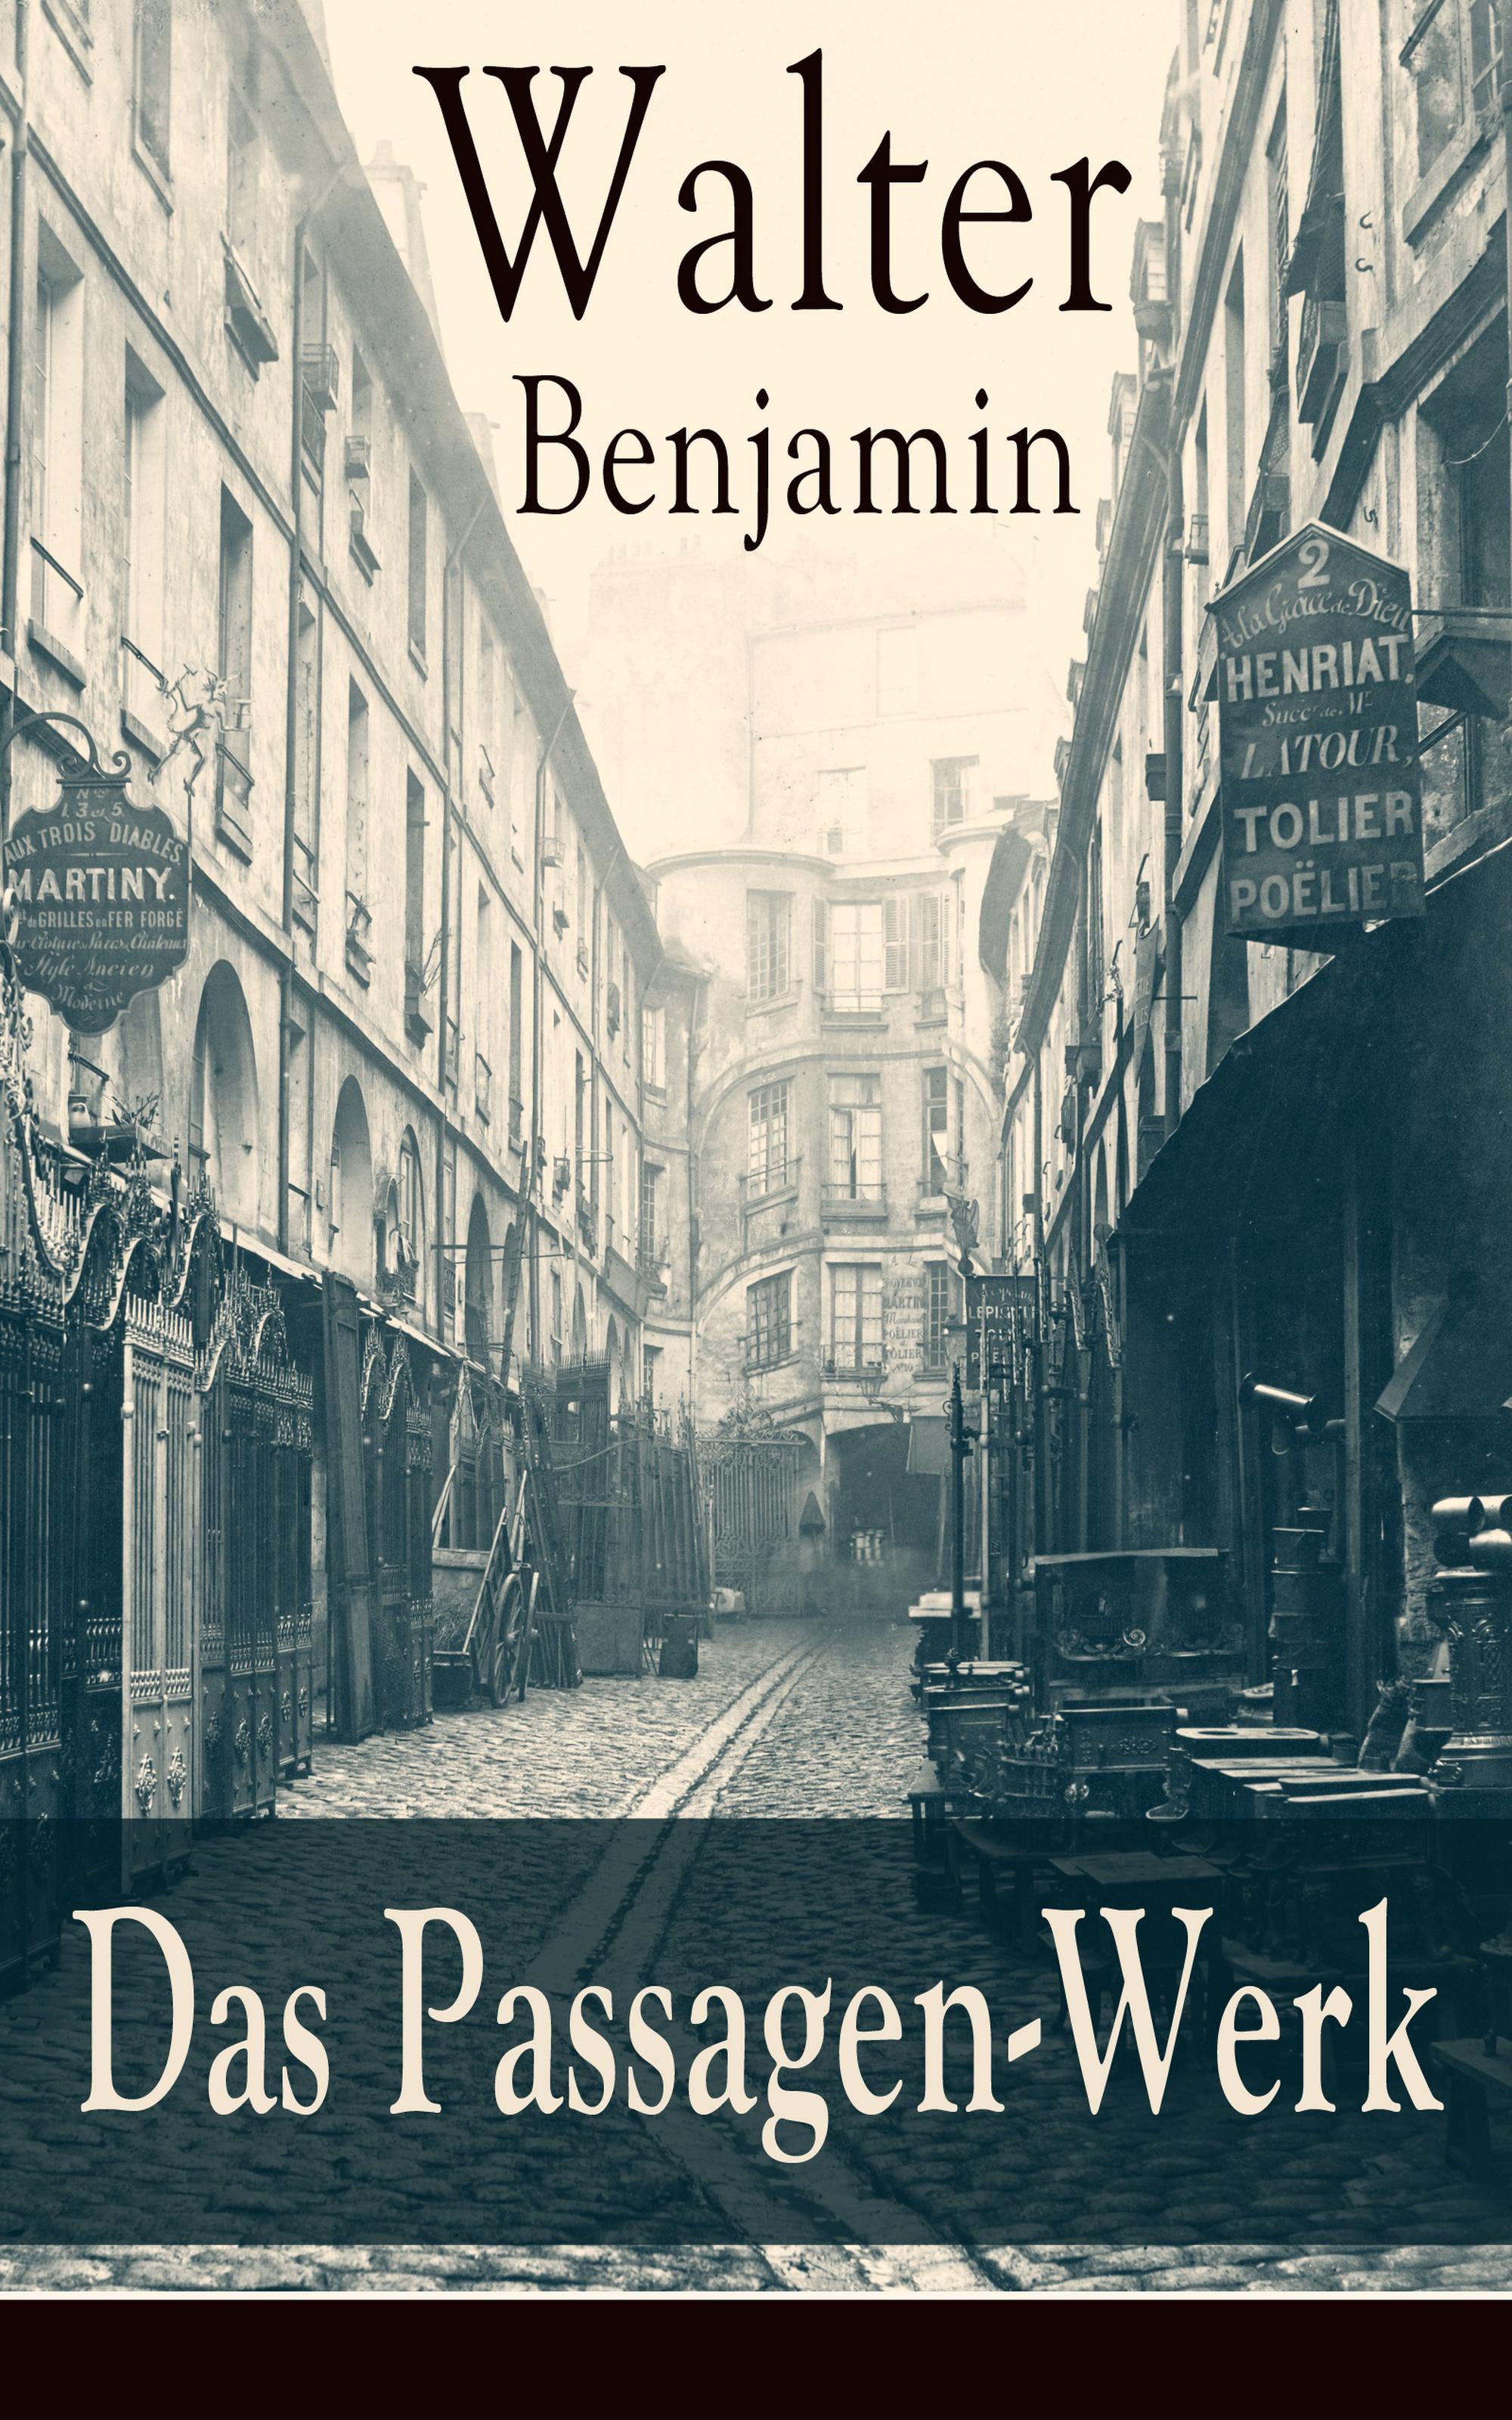 Walter Benjamin Das Passagen-Werk